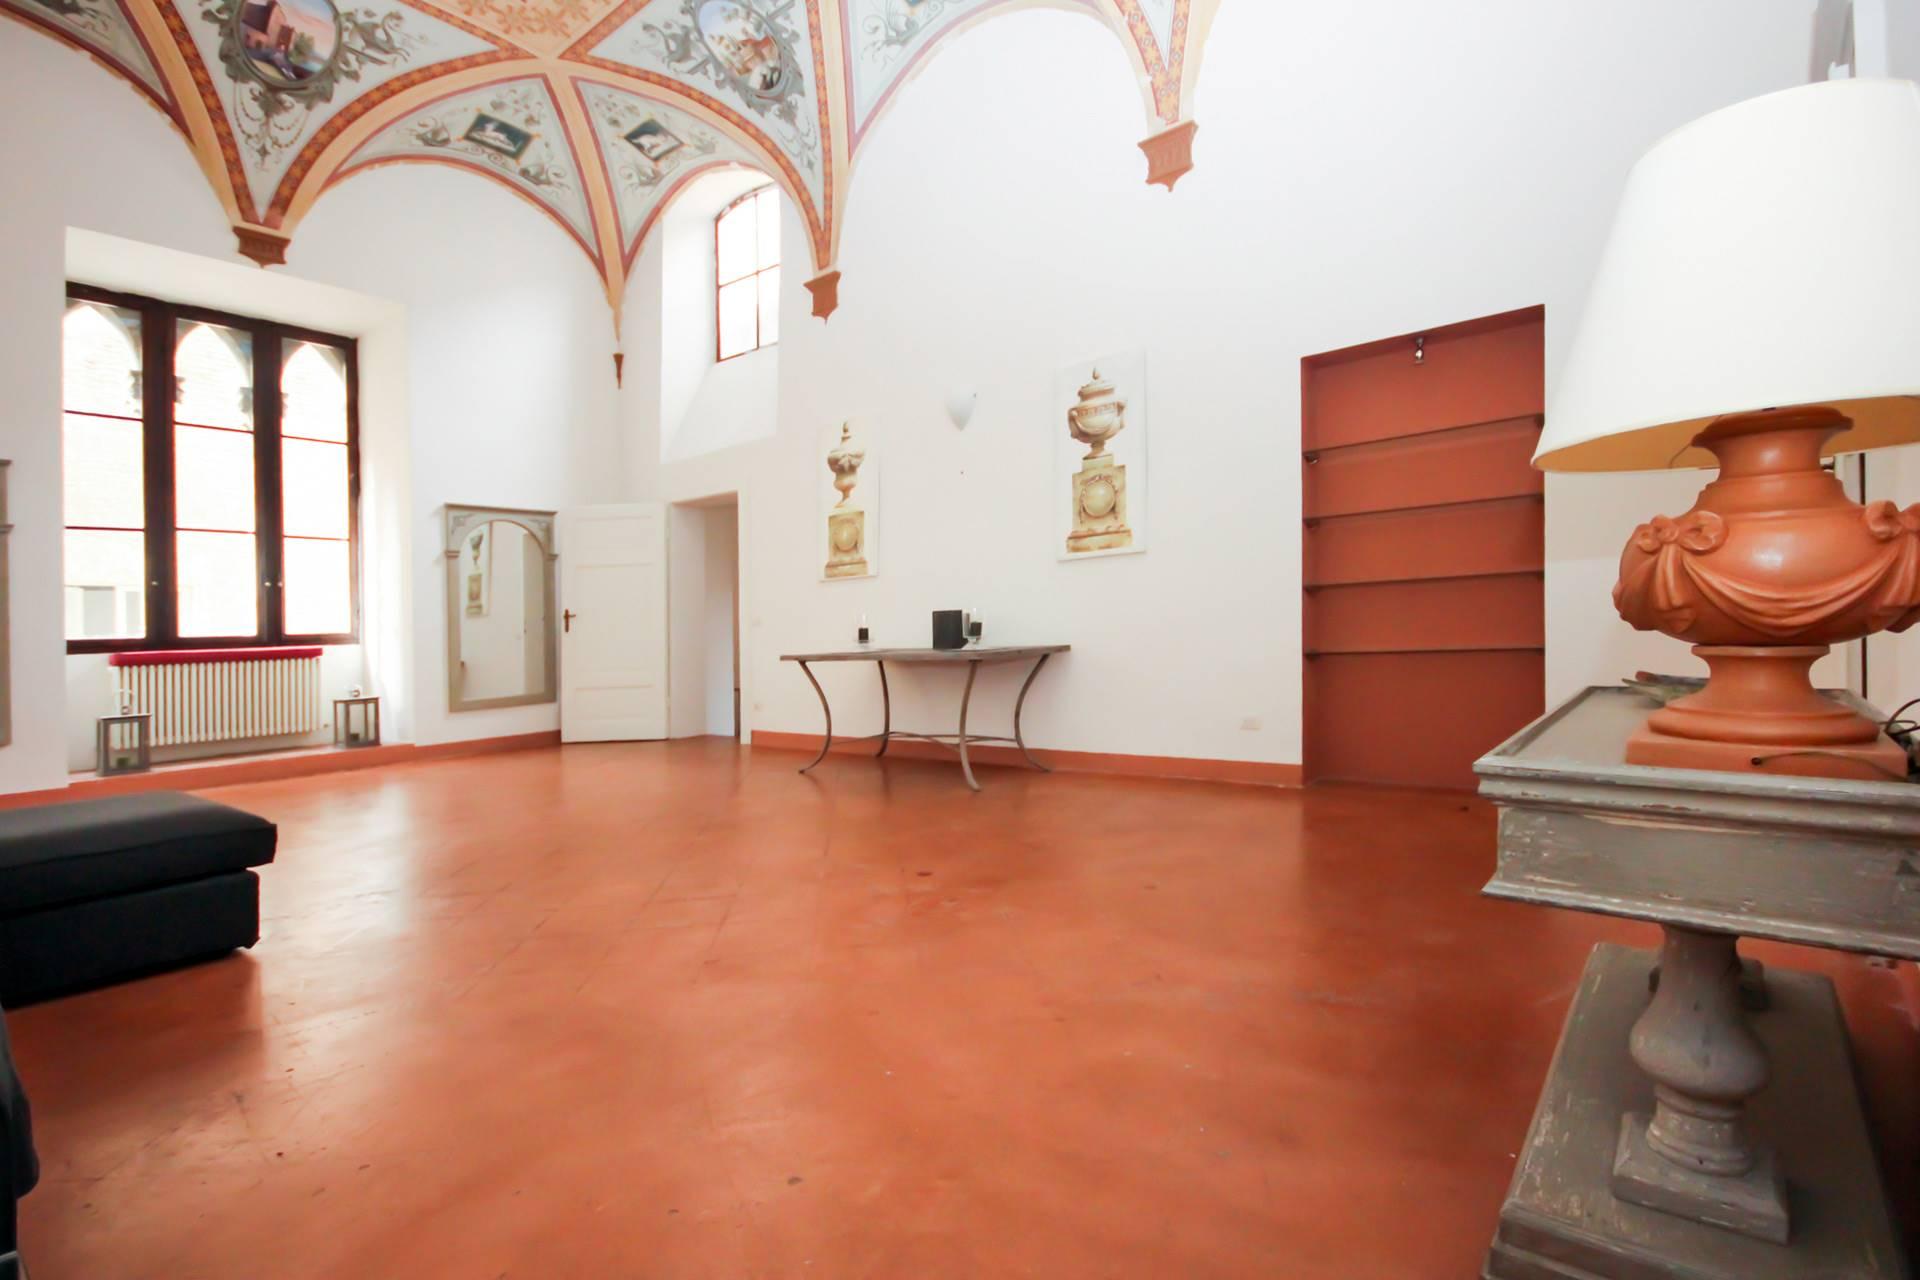 Appartamento di pregio di mq 195, all'interno di un palazzo di interesse storico in una delle vie più in voga di Siena. L'alloggio è posto al secondo